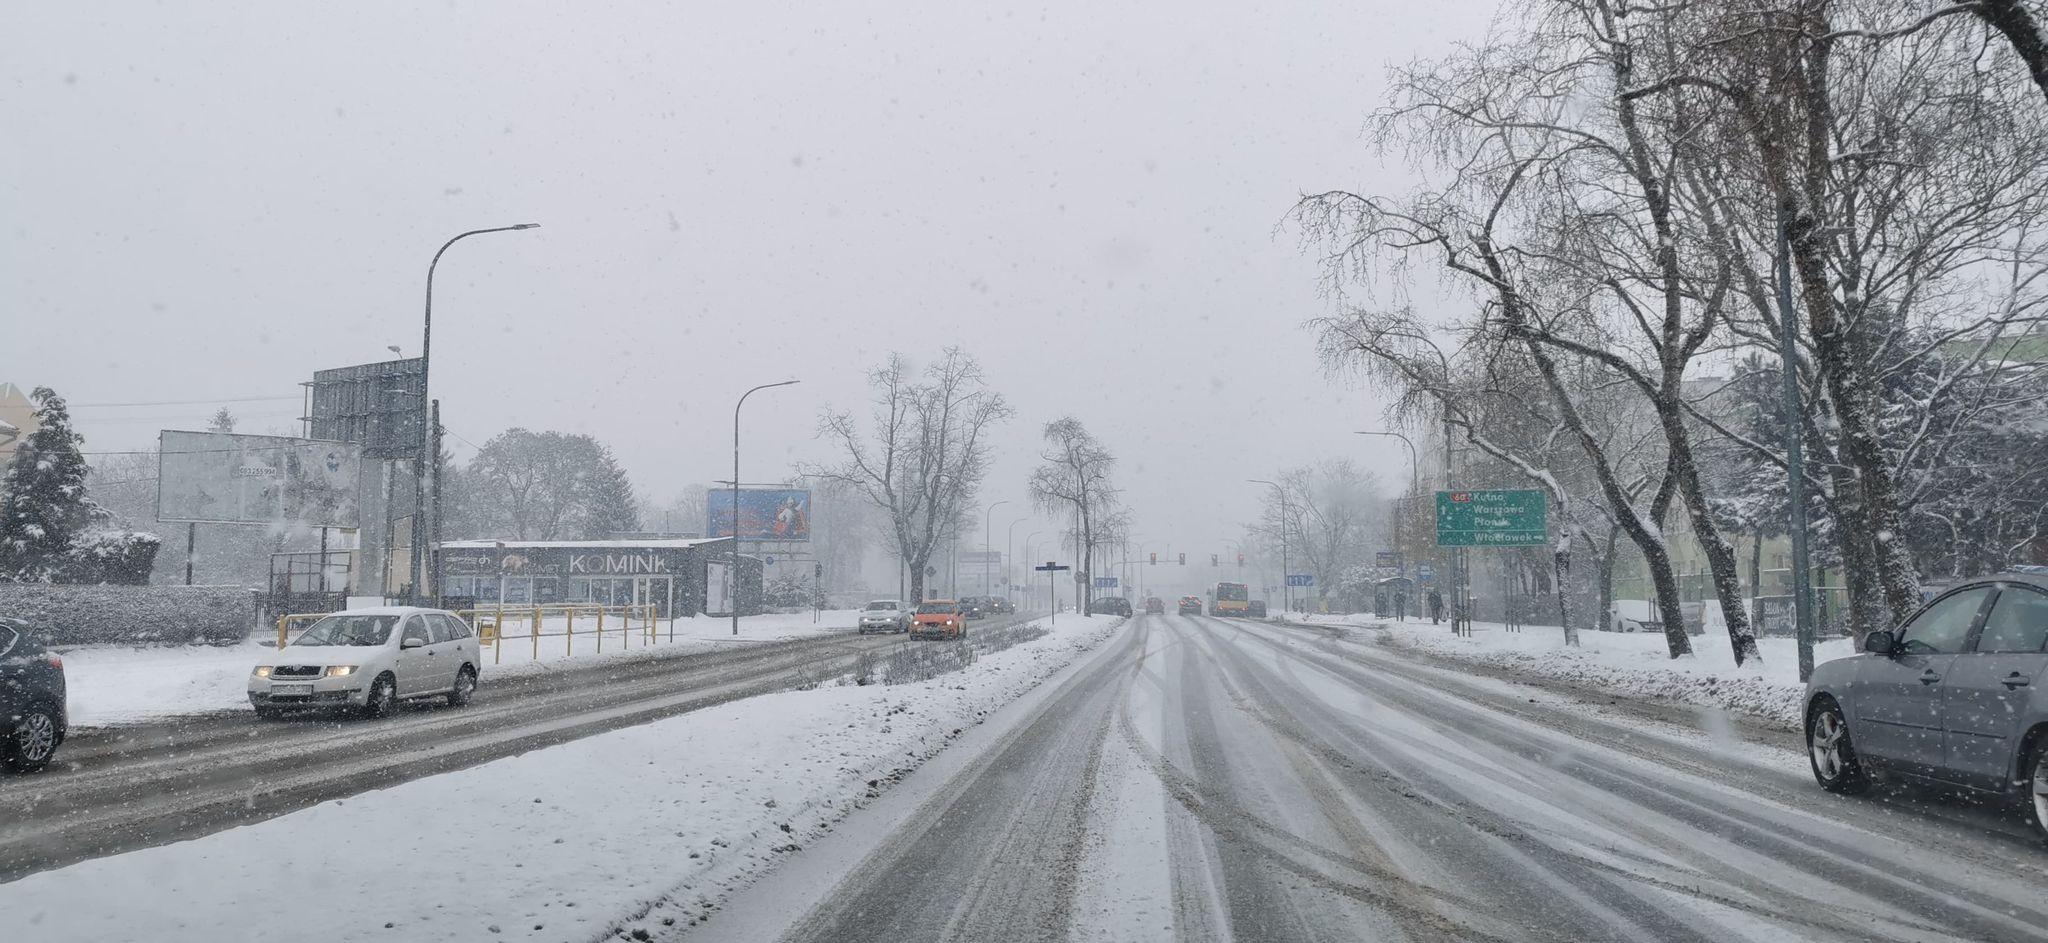 Intensywne opady śniegu utrudniają ruch. Drogowcy pracują, autobusy mają opóźnienia - Zdjęcie główne